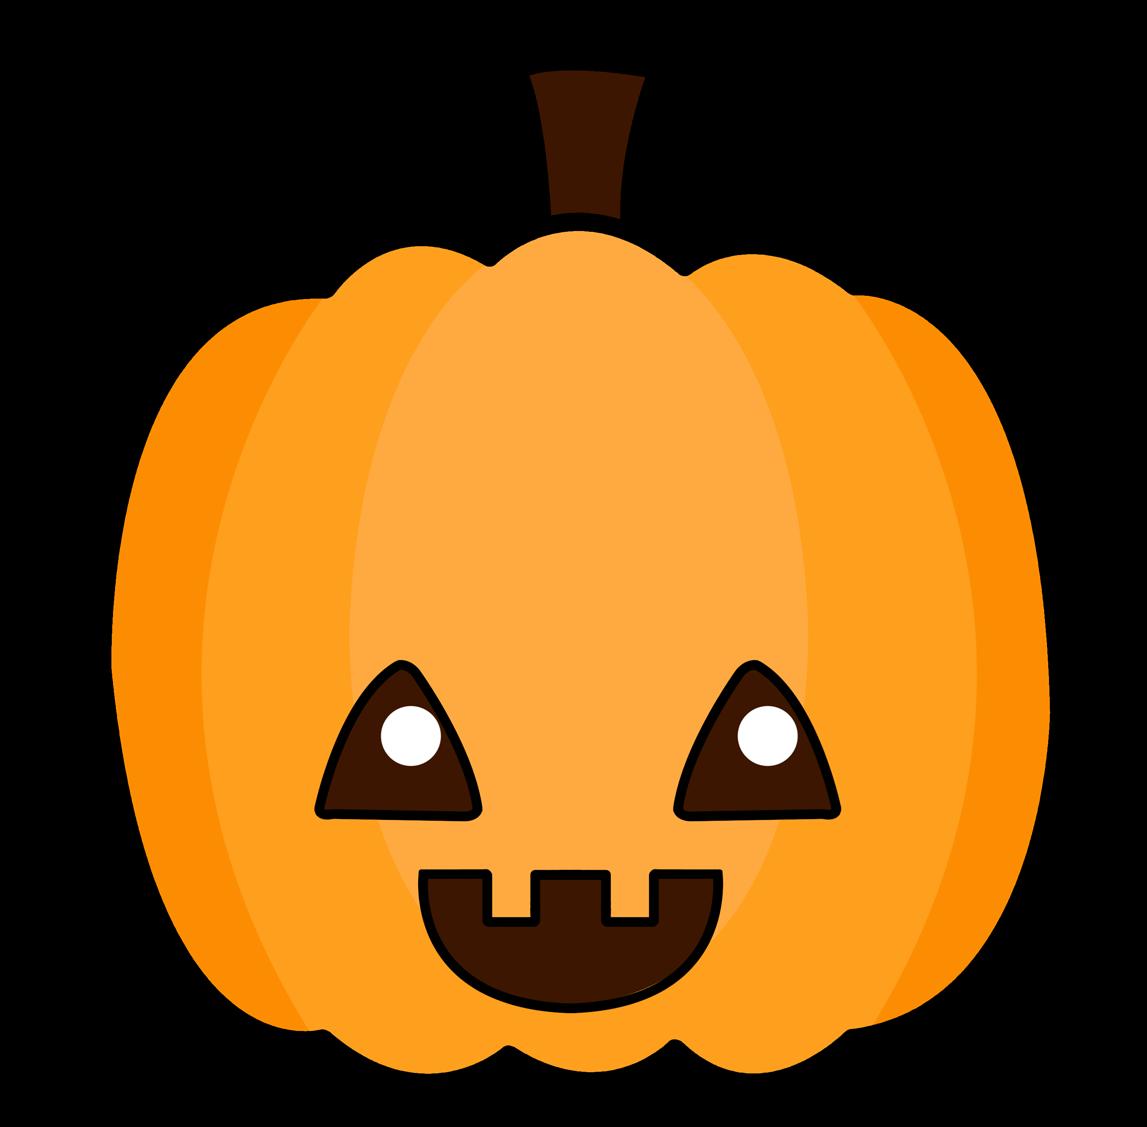 1147x1127 Pumpkin Clipart Cartoon